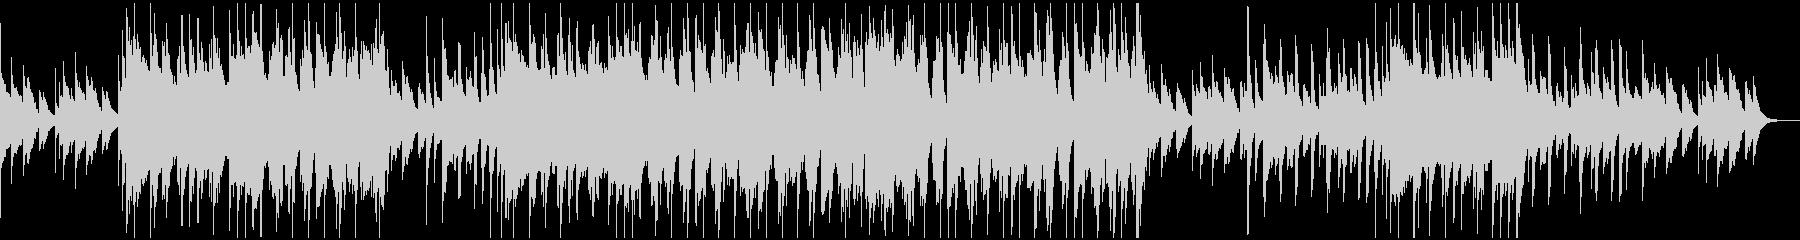 コミカルで可愛らしいポップスBGMの未再生の波形